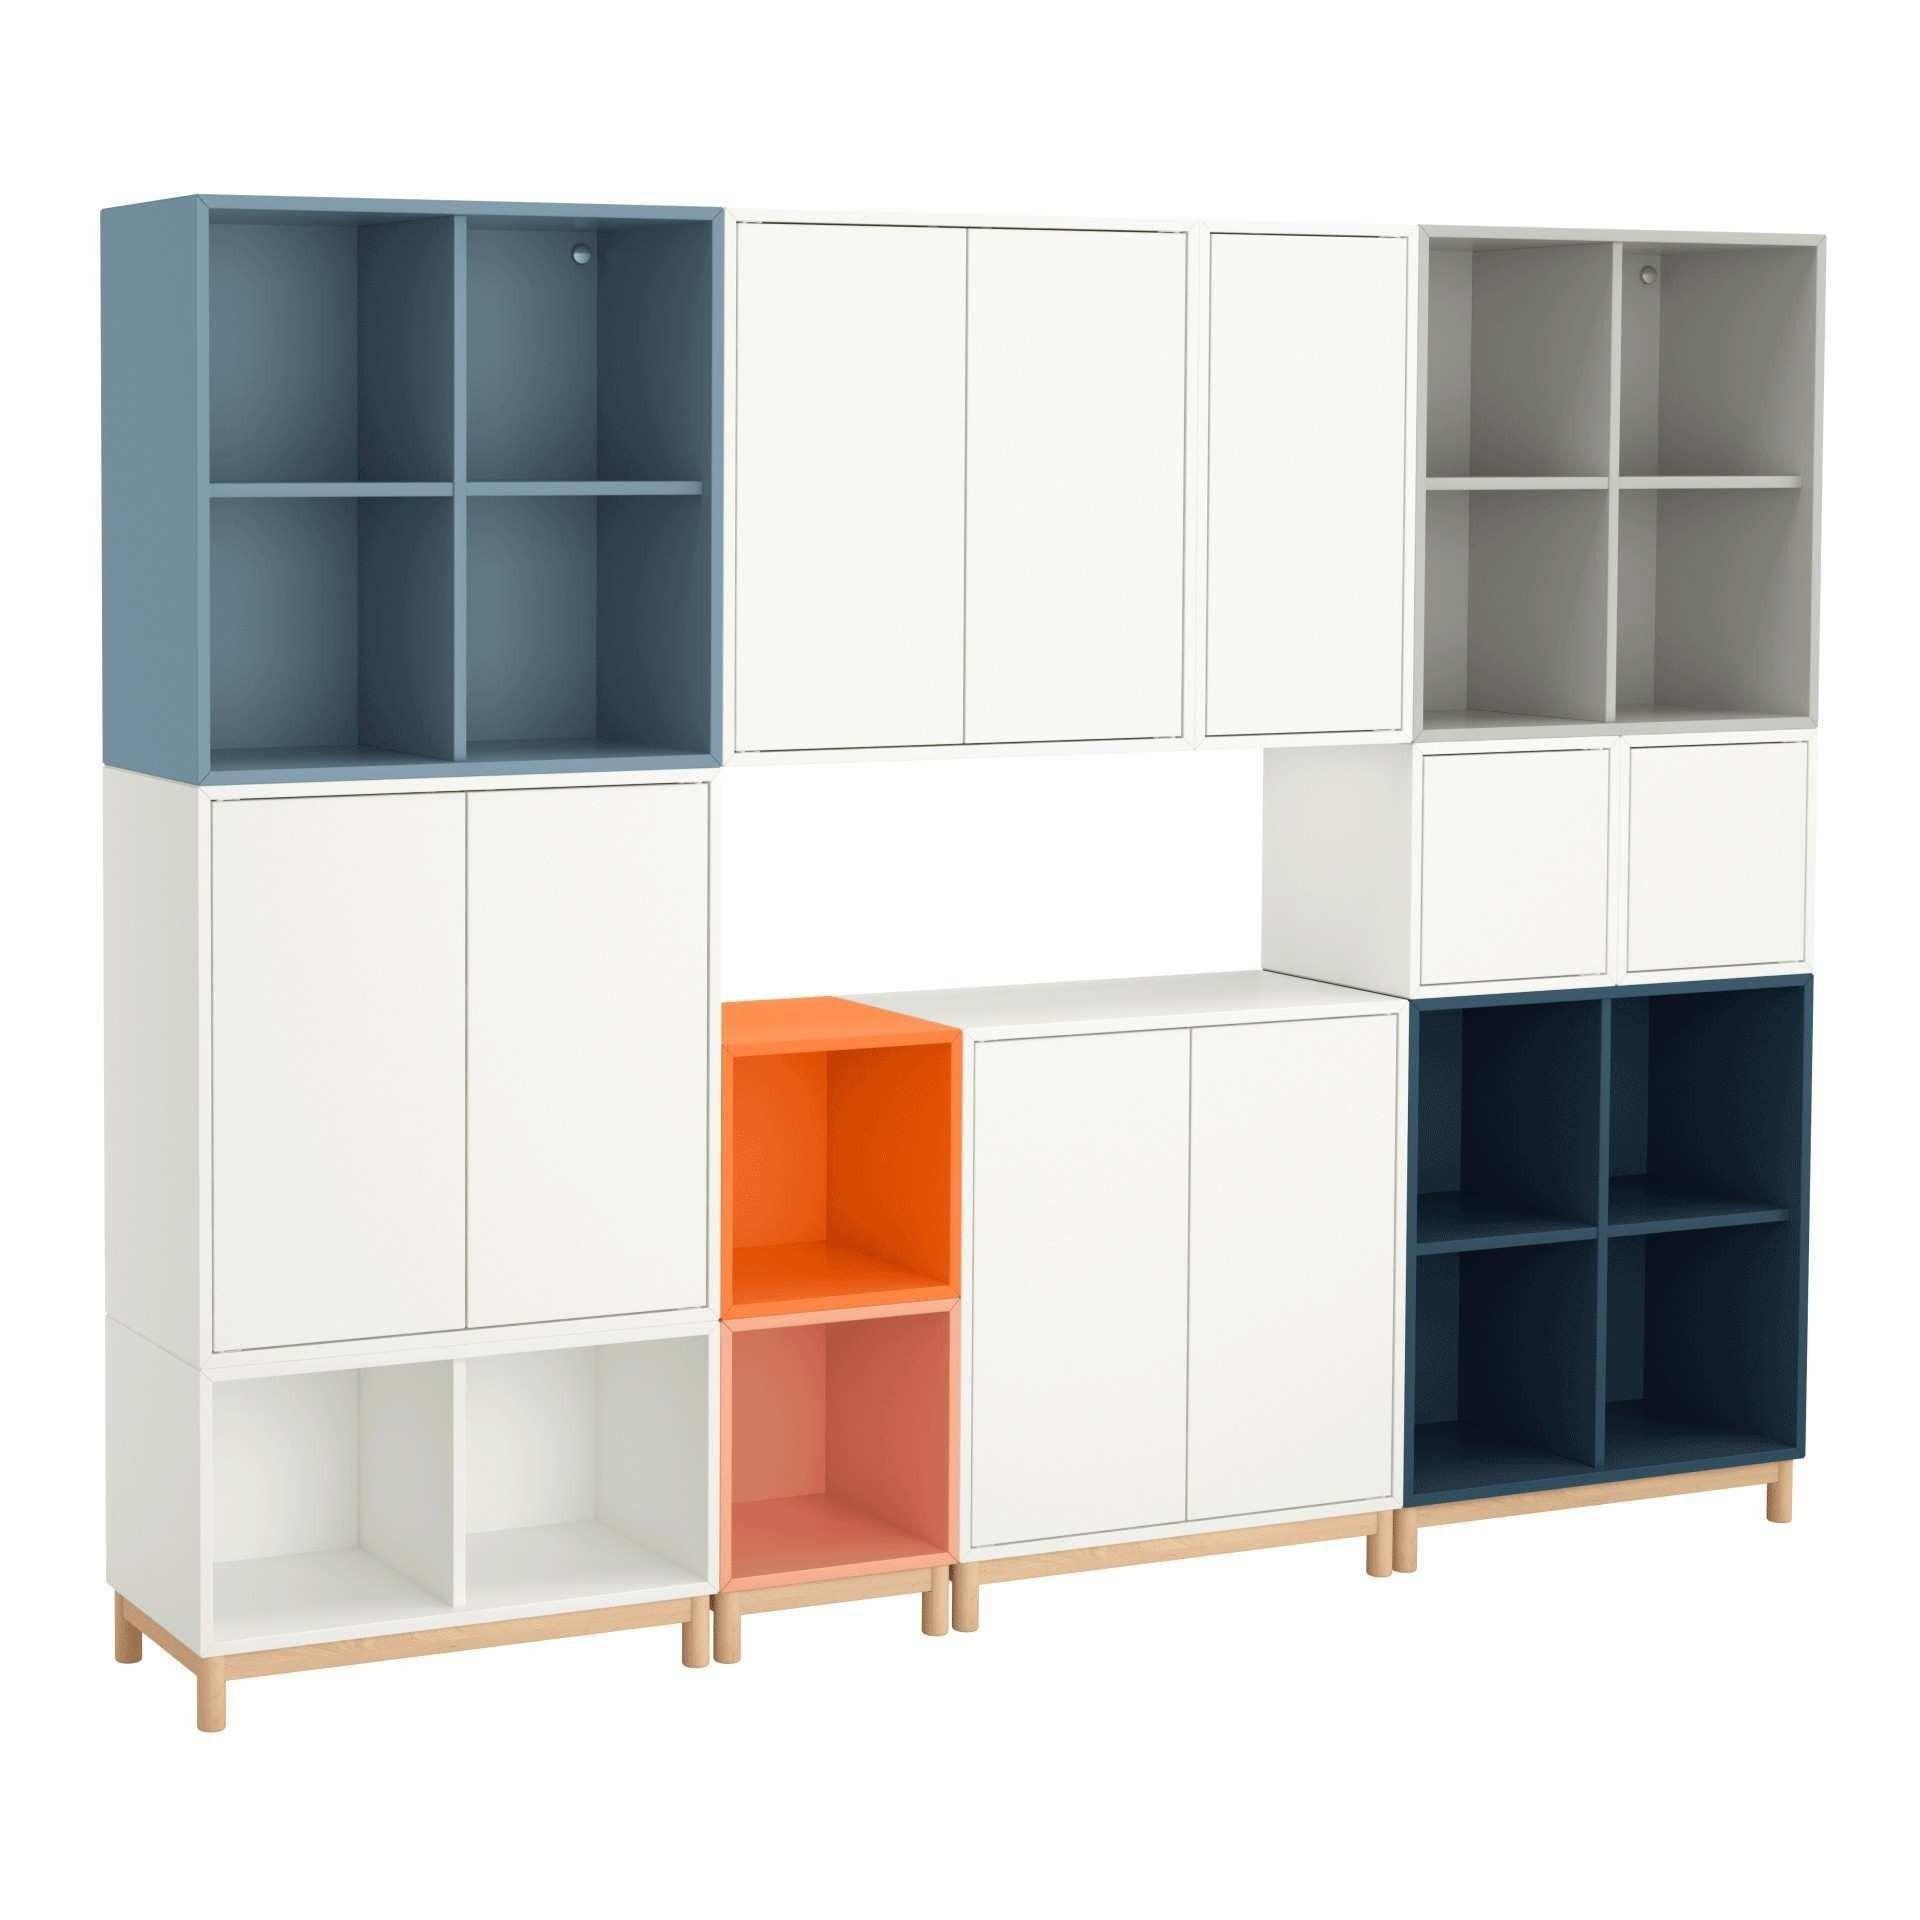 Rangement Papier Bureau In 2020 Home Decor Shelves Shelving Unit